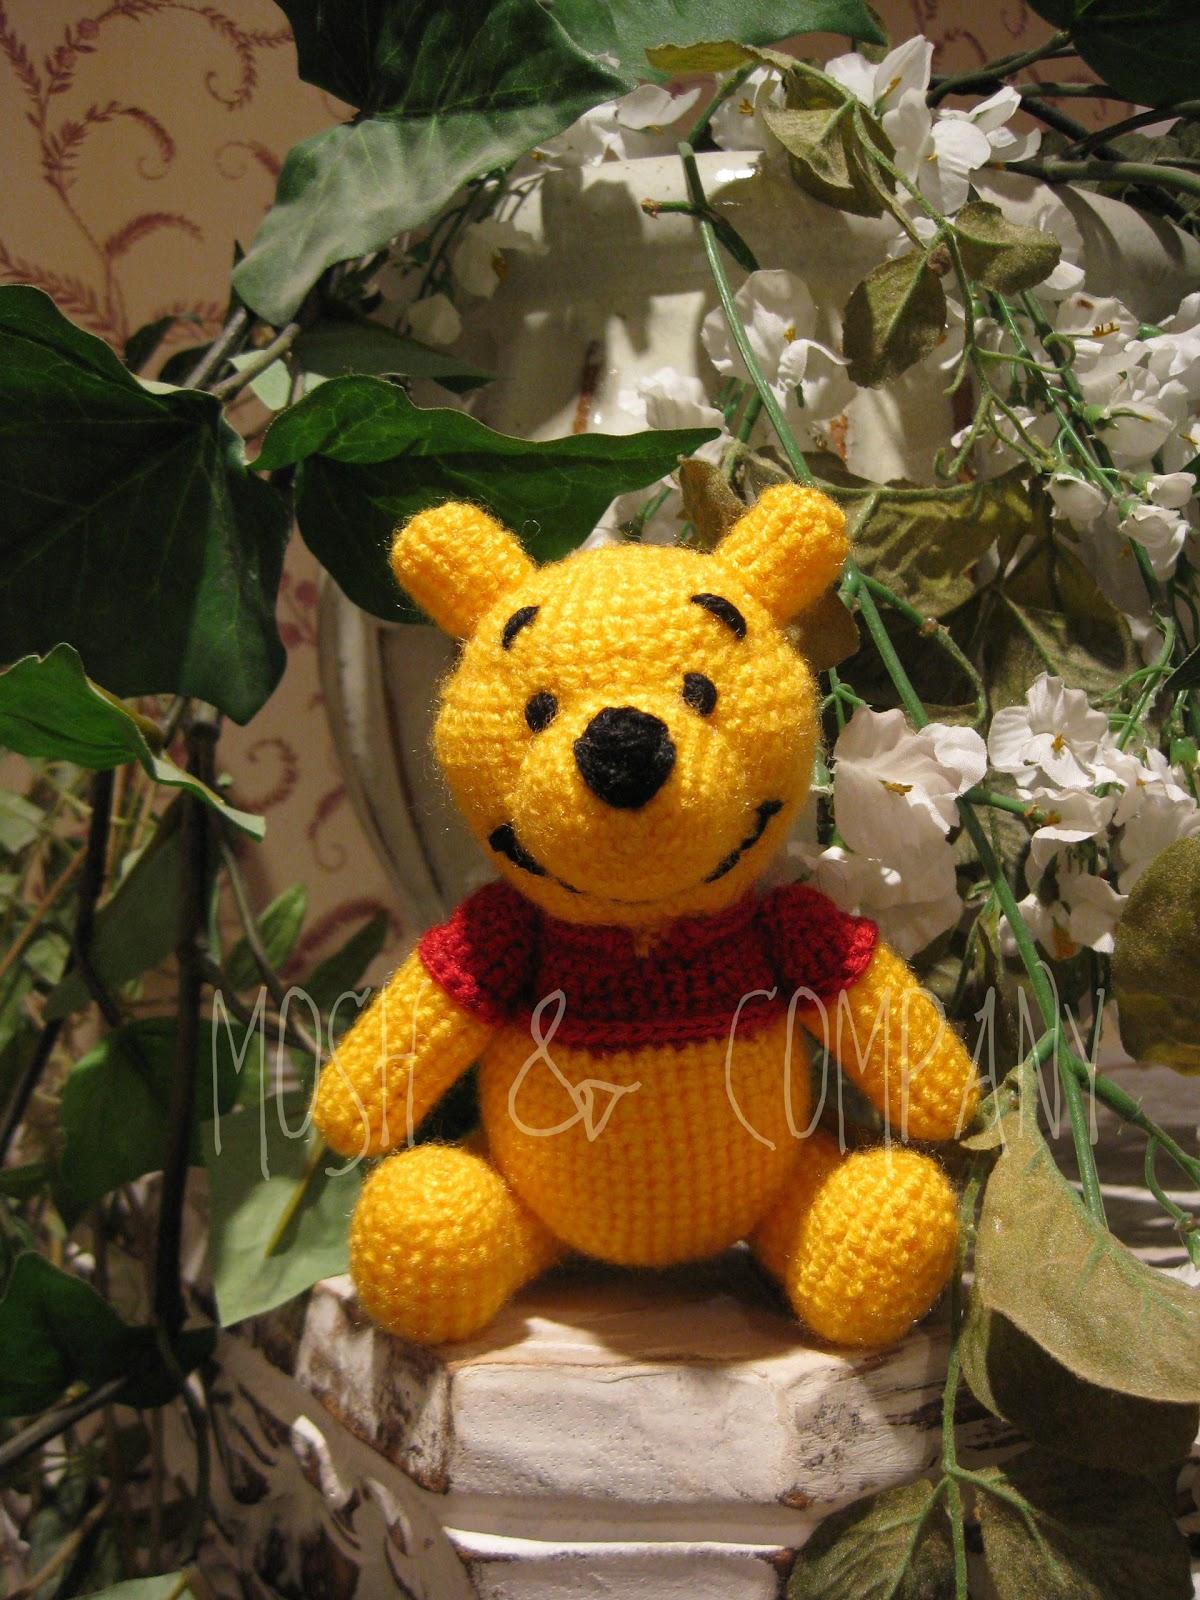 Amigurumi Winnie The Pooh : MOSH & COMPANY: Winnie The Pooh